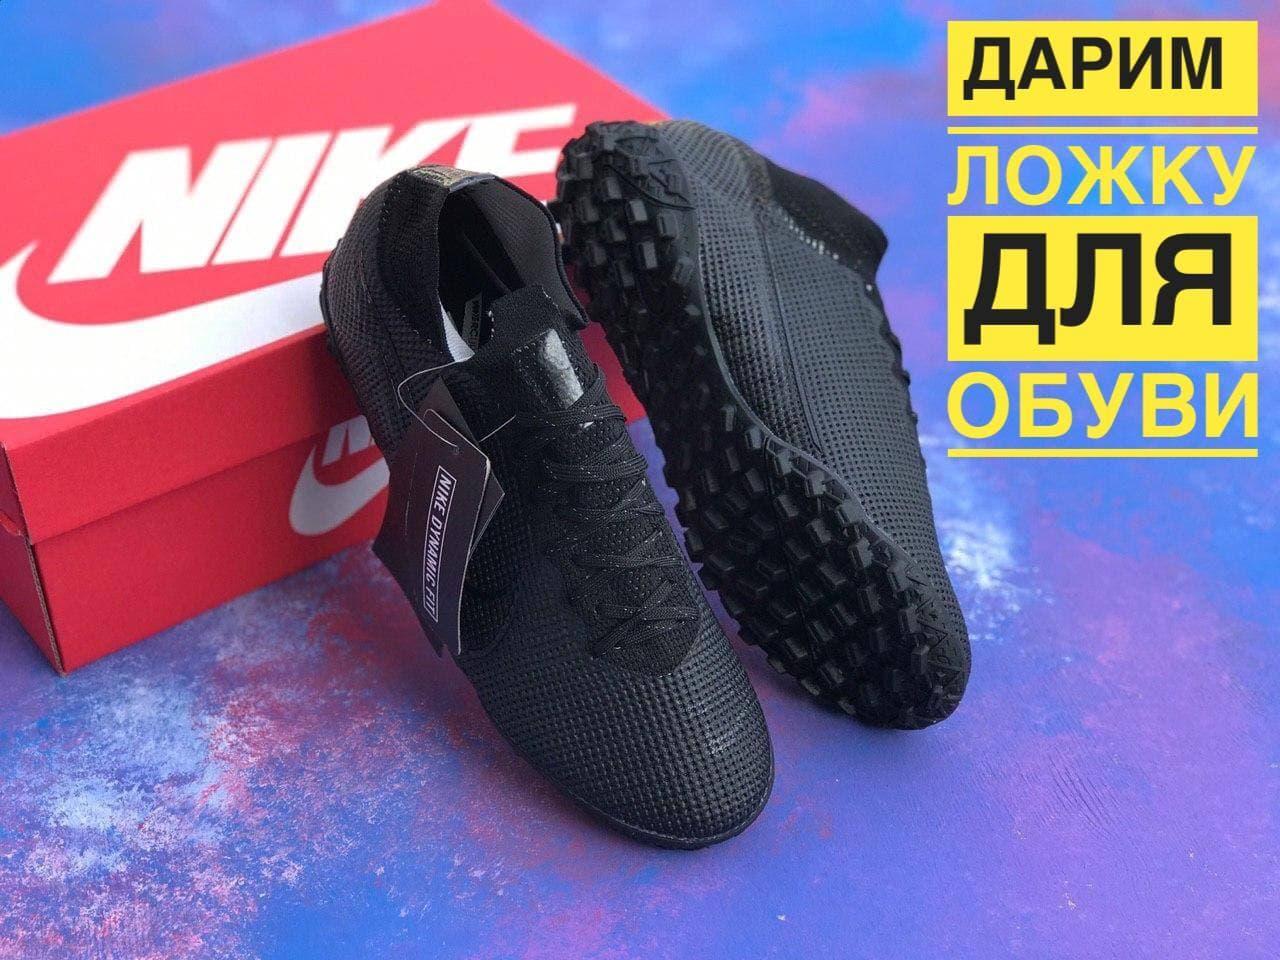 Сороконожки Nike Mercurial Vapor 13 Academy TF/футбольная обувь/найк меркуриал вапор